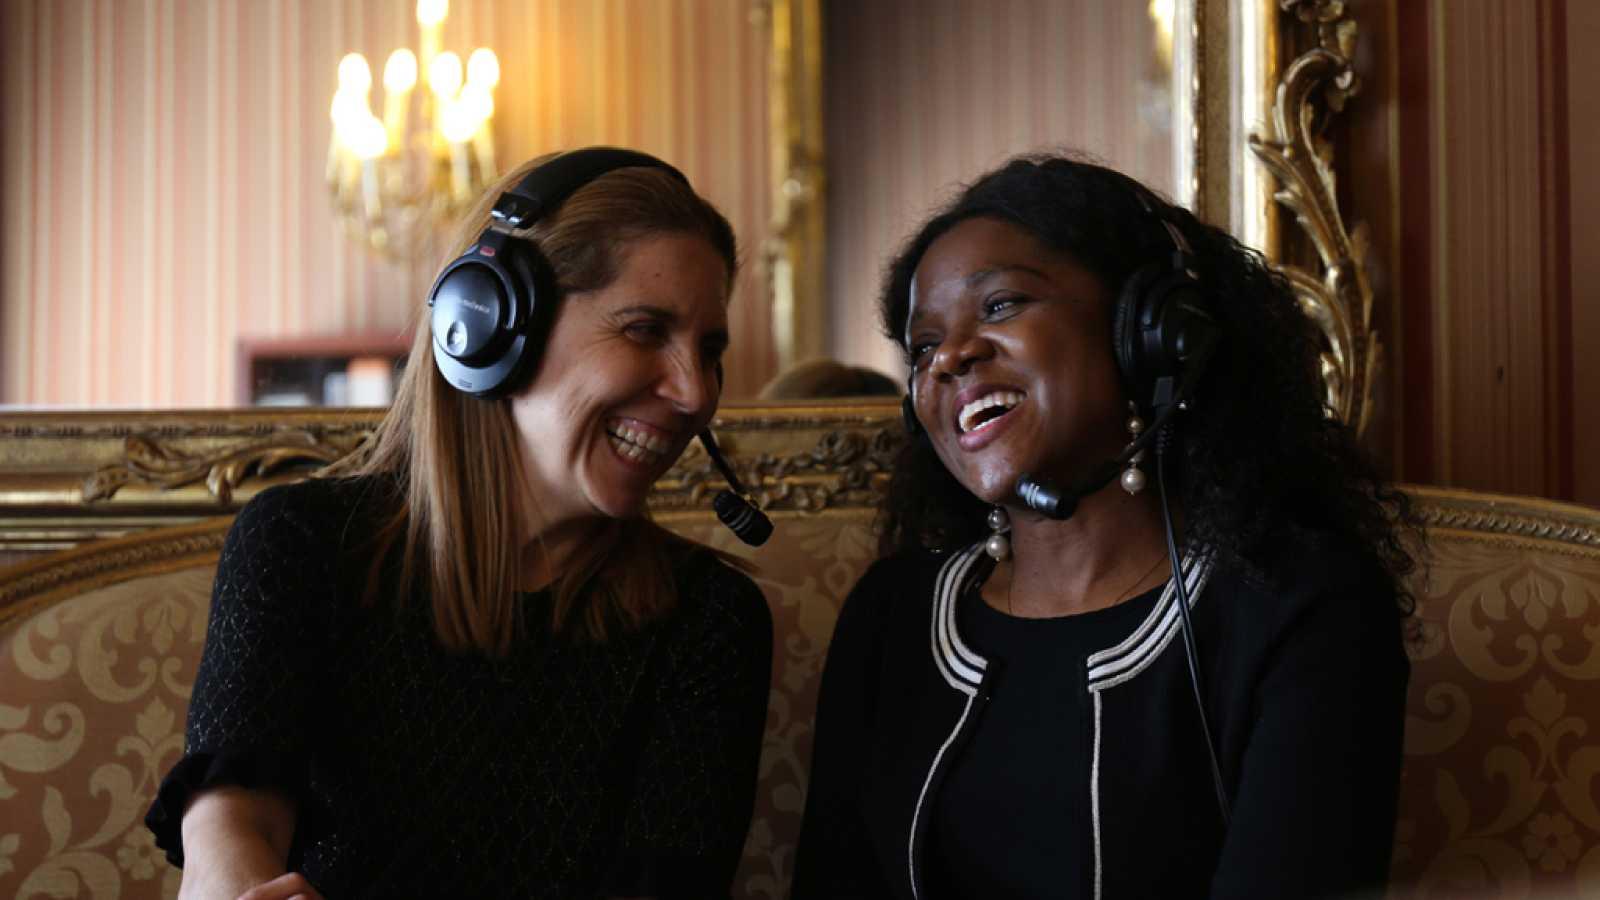 Todo noticias - Mañana - Girls 4 Tech: acercar a las niñas a la ciencia y la tecnología - Escuchar ahora